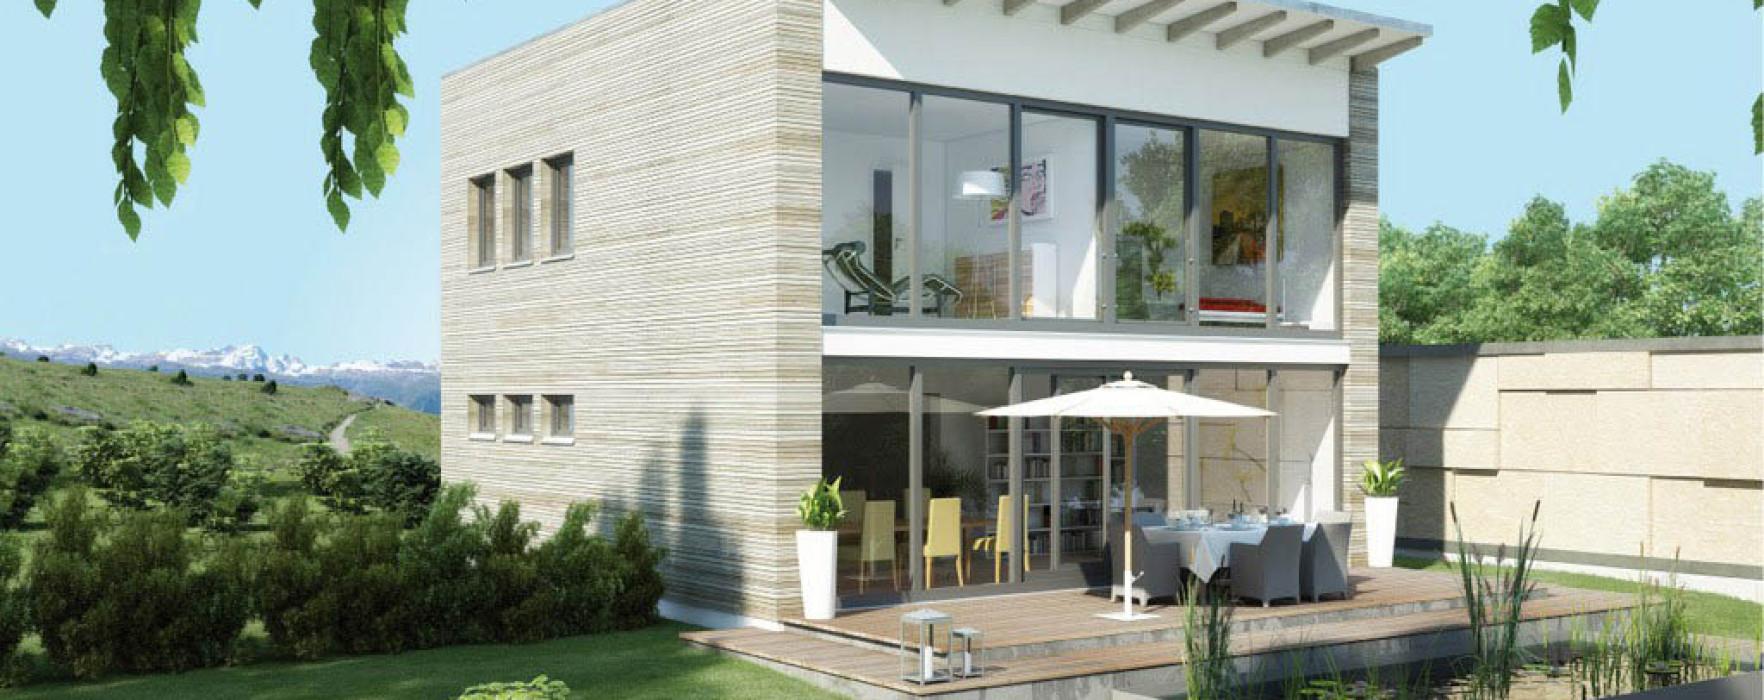 Gli altri prezzi di una costruzione in legno - Quanto costa costruire una casa al mq ...